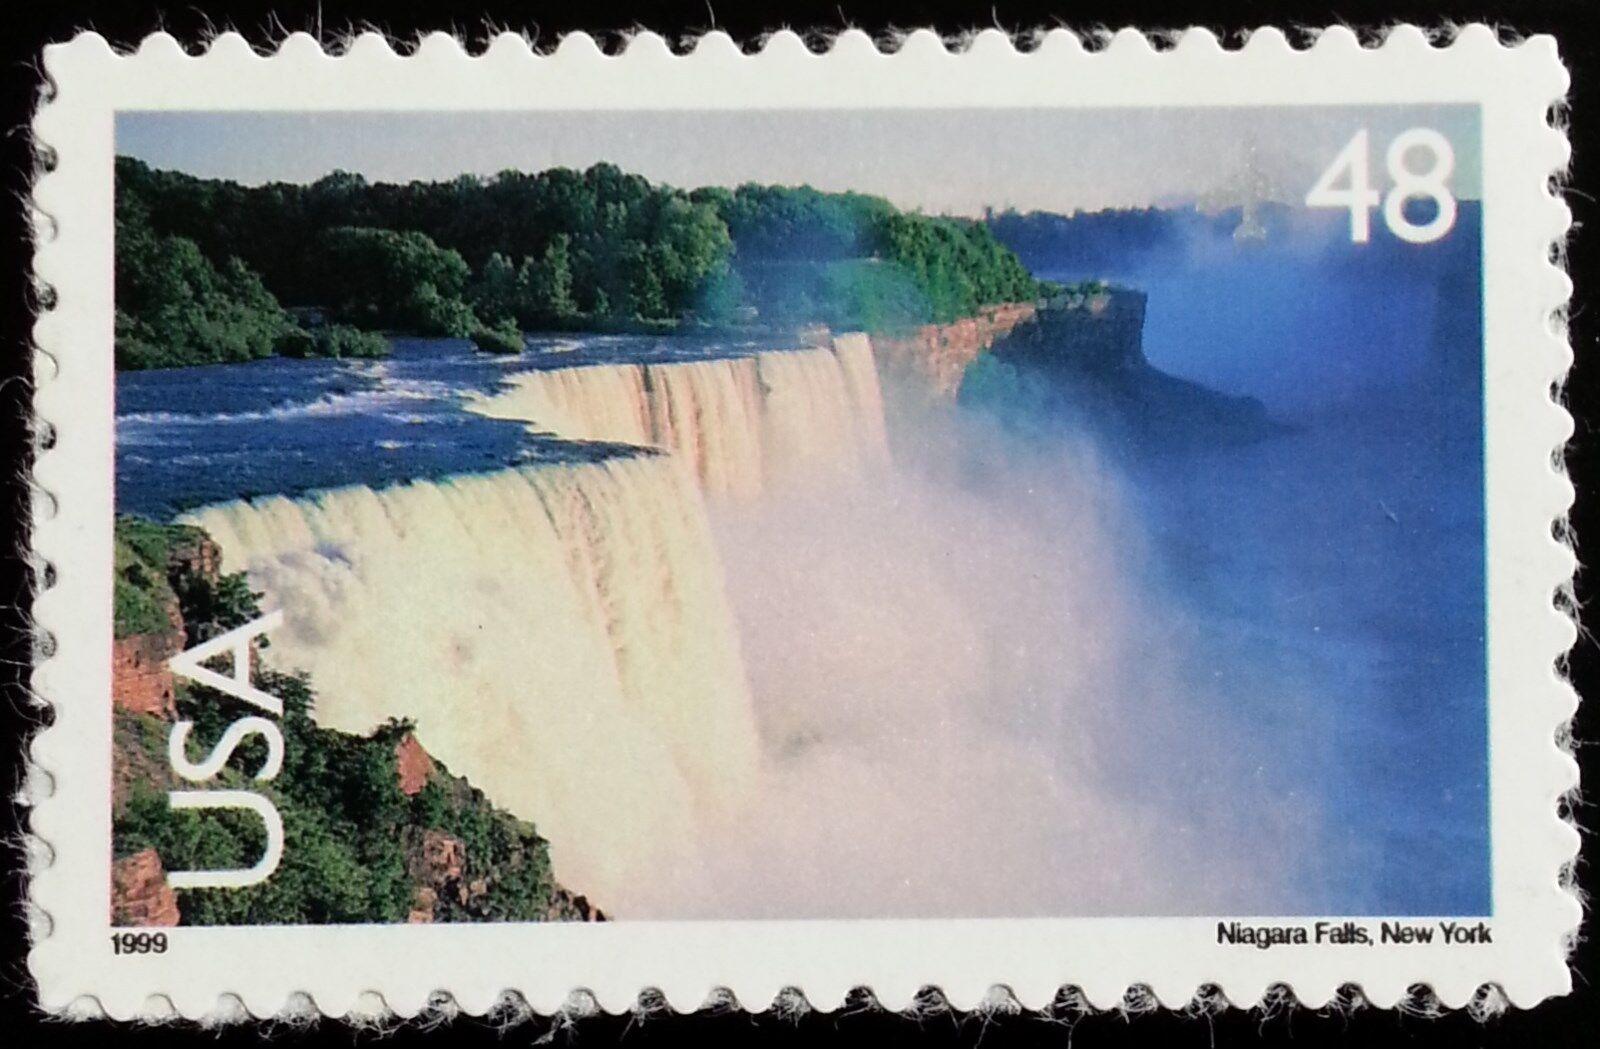 1999 48c Niagara Falls, New York Scott C133 Mint F/VF N